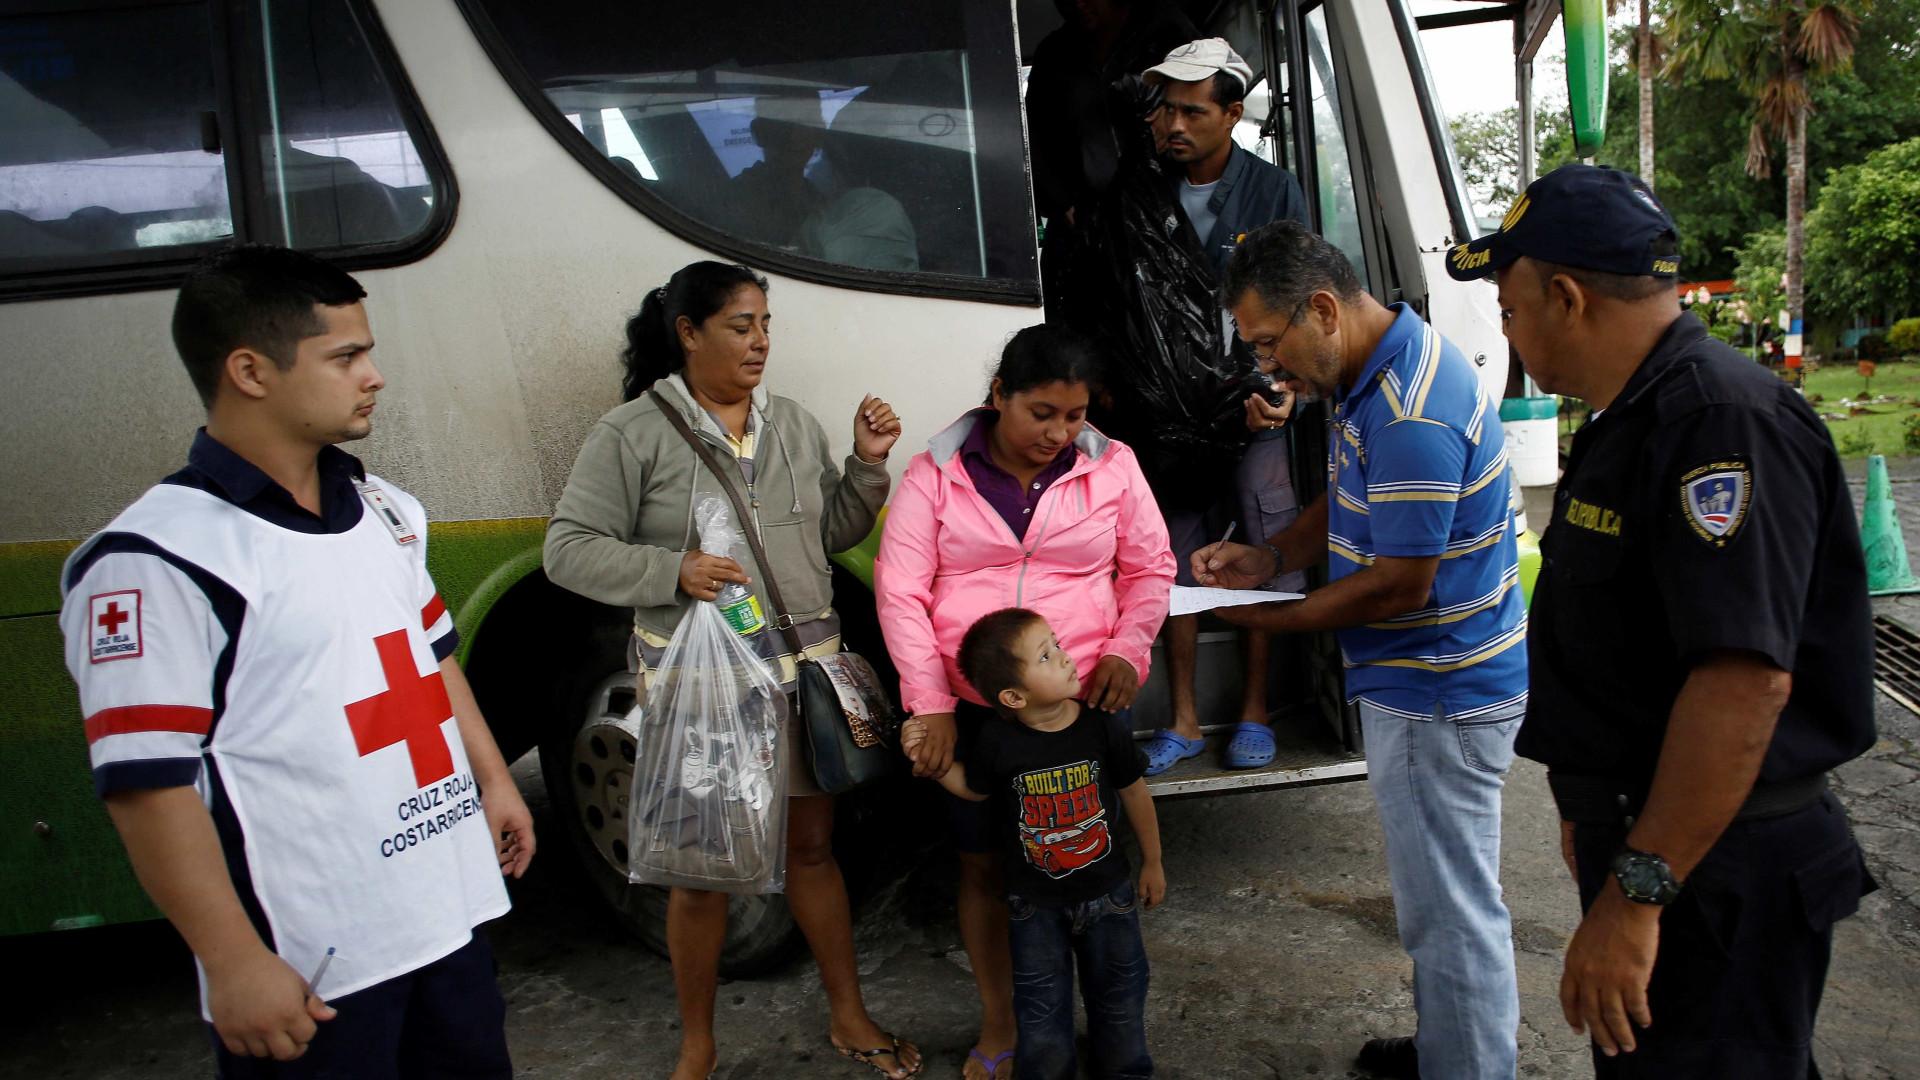 Sismo de magnitude 5,3 na Costa Rica provoca danos ligeiros